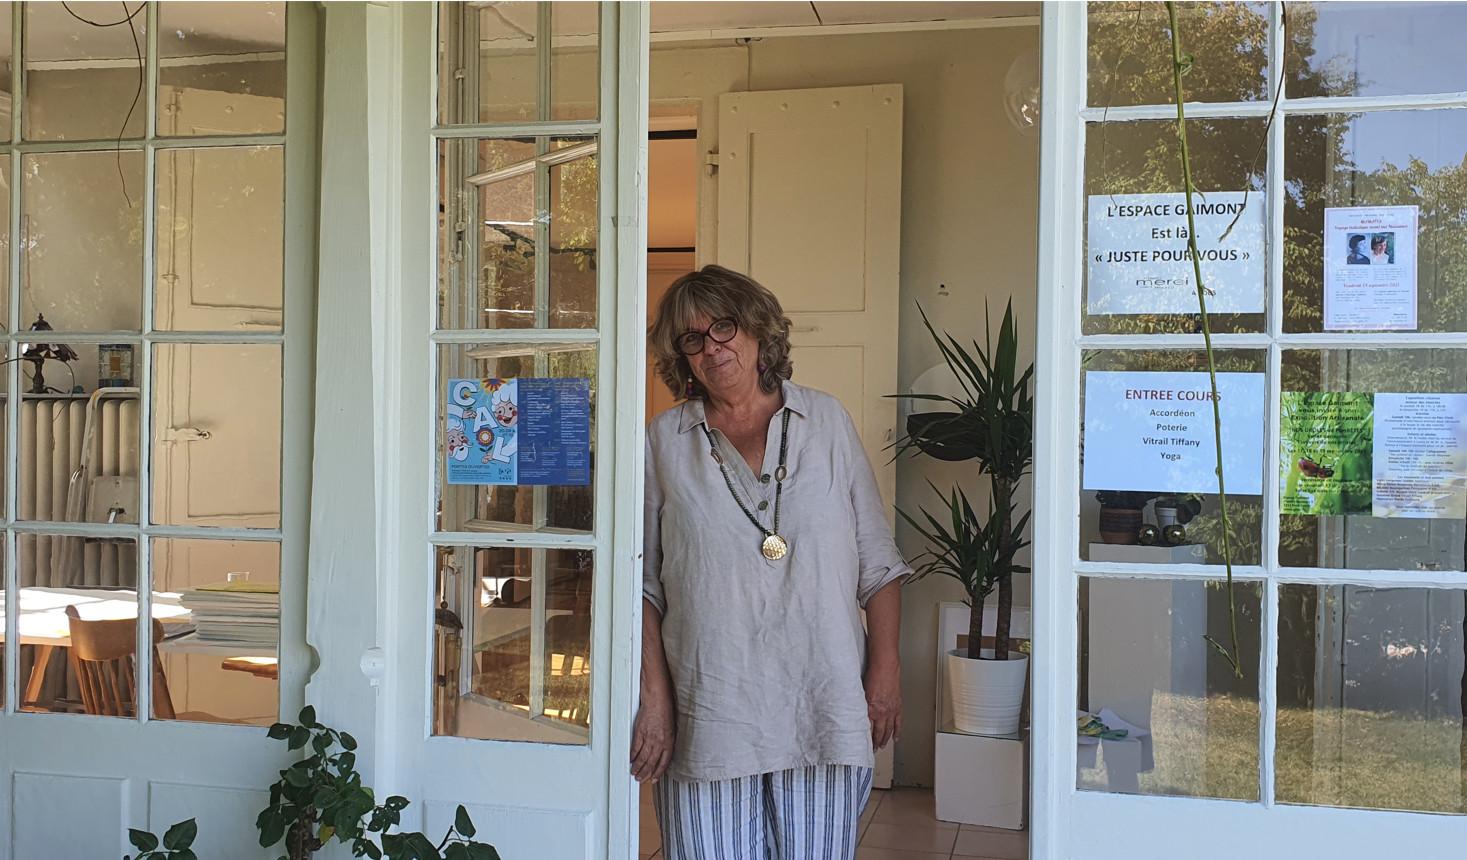 Suzanne Grand, responsable de l'espace Gaimont GHPL au Petit-Lancy© FK